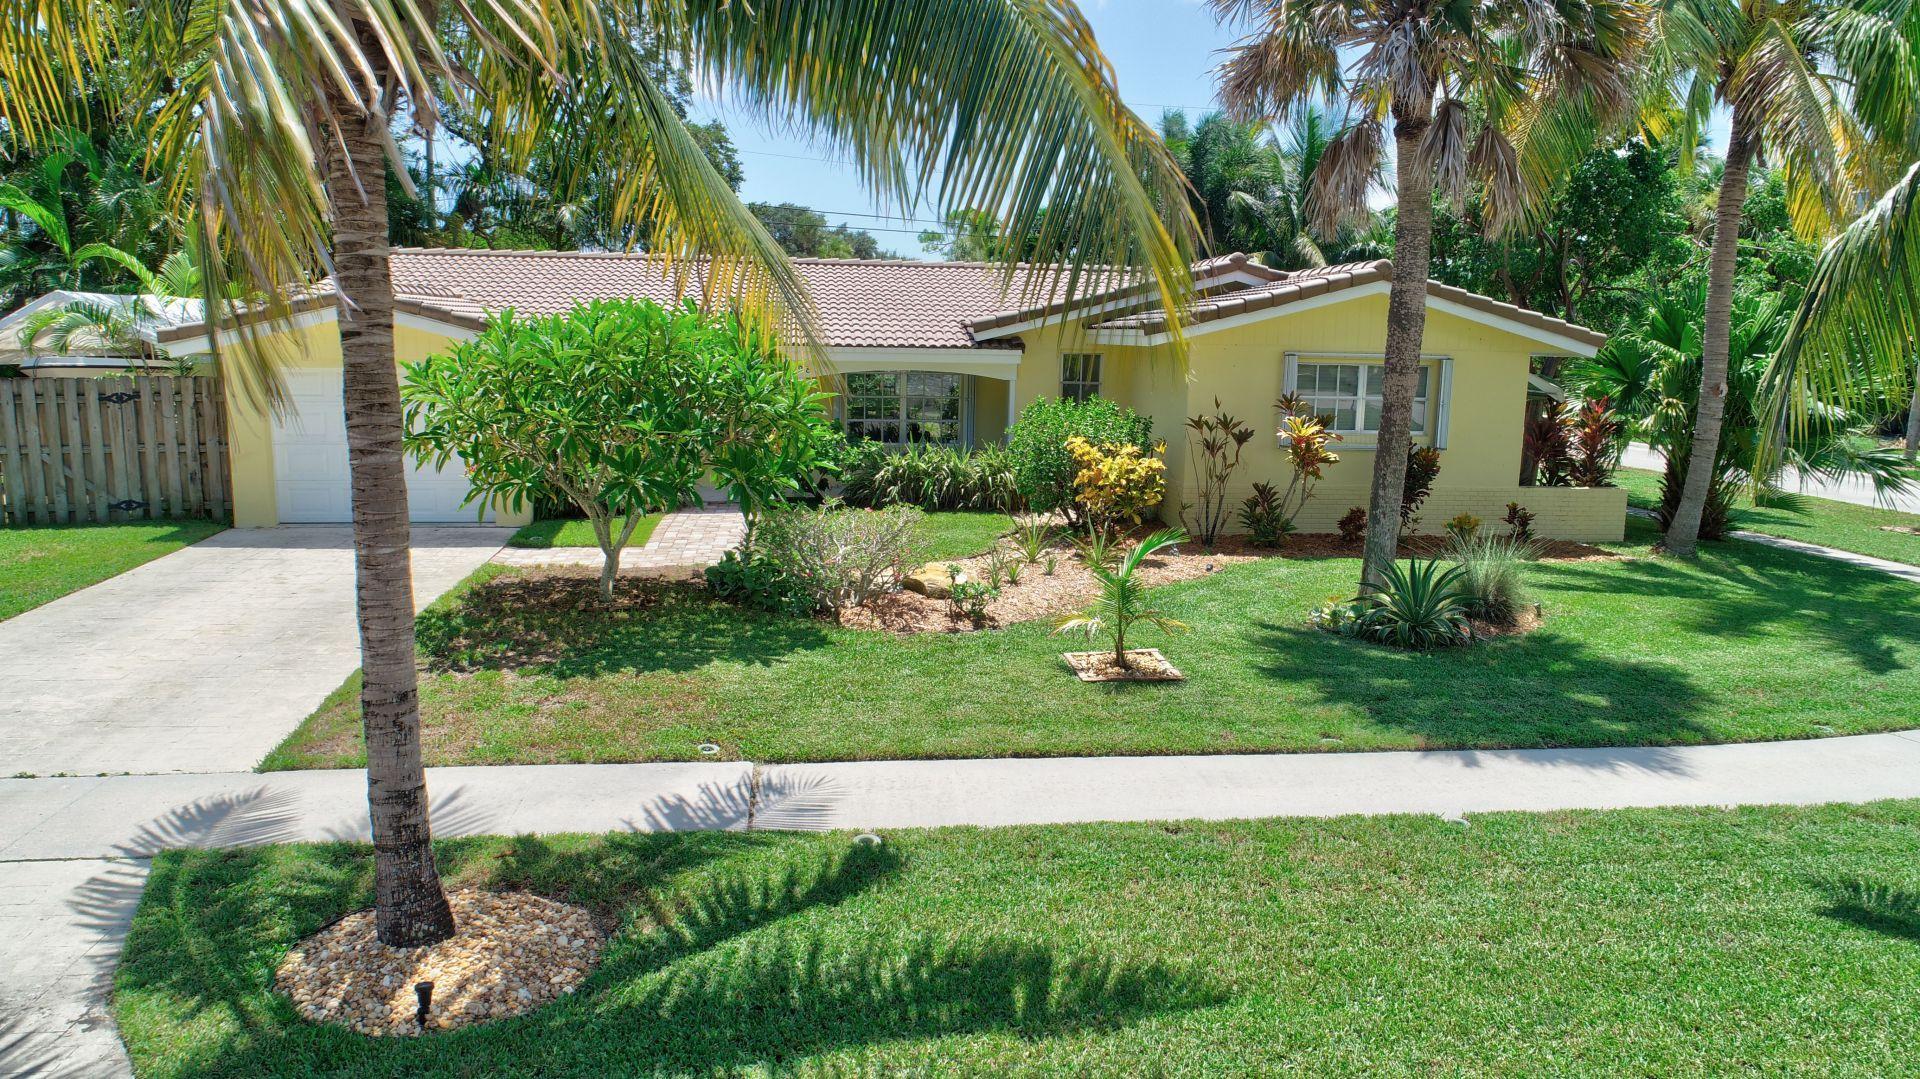 698 Sw 4th Street Boca Raton, FL 33486